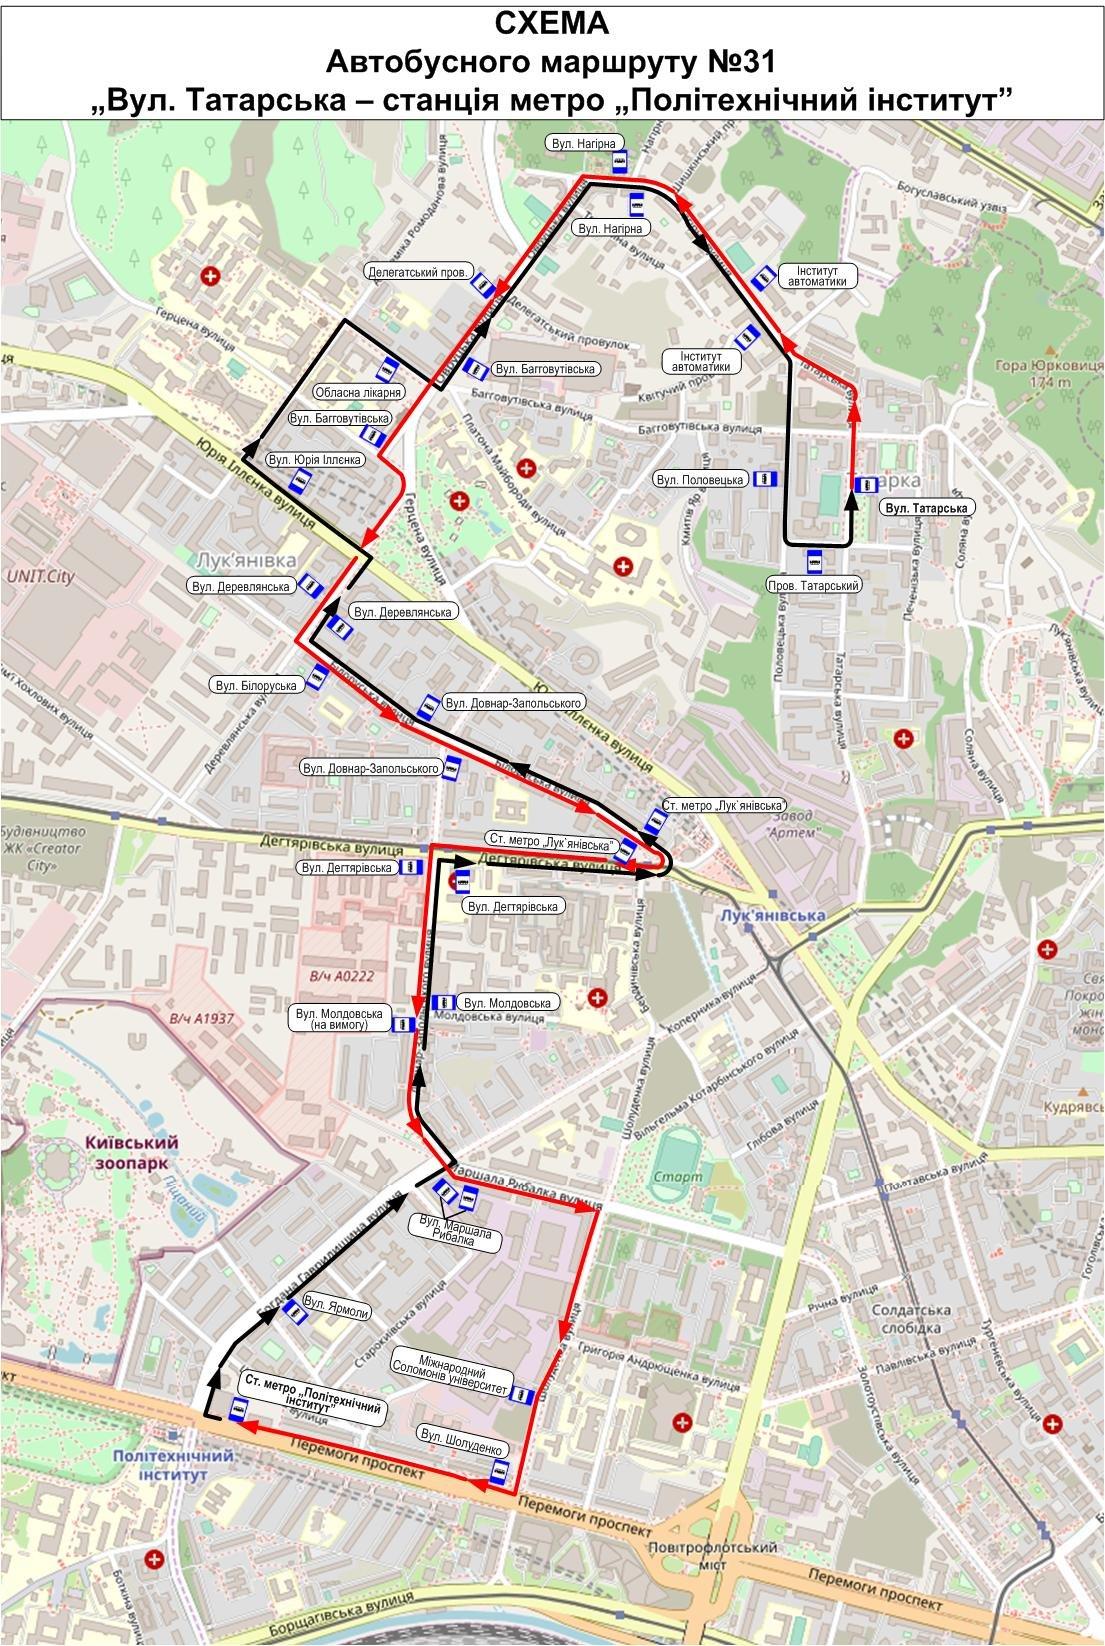 31 автобус Киев: актуальное расписание и его маршрут с картой, Фото: Киевпастранс